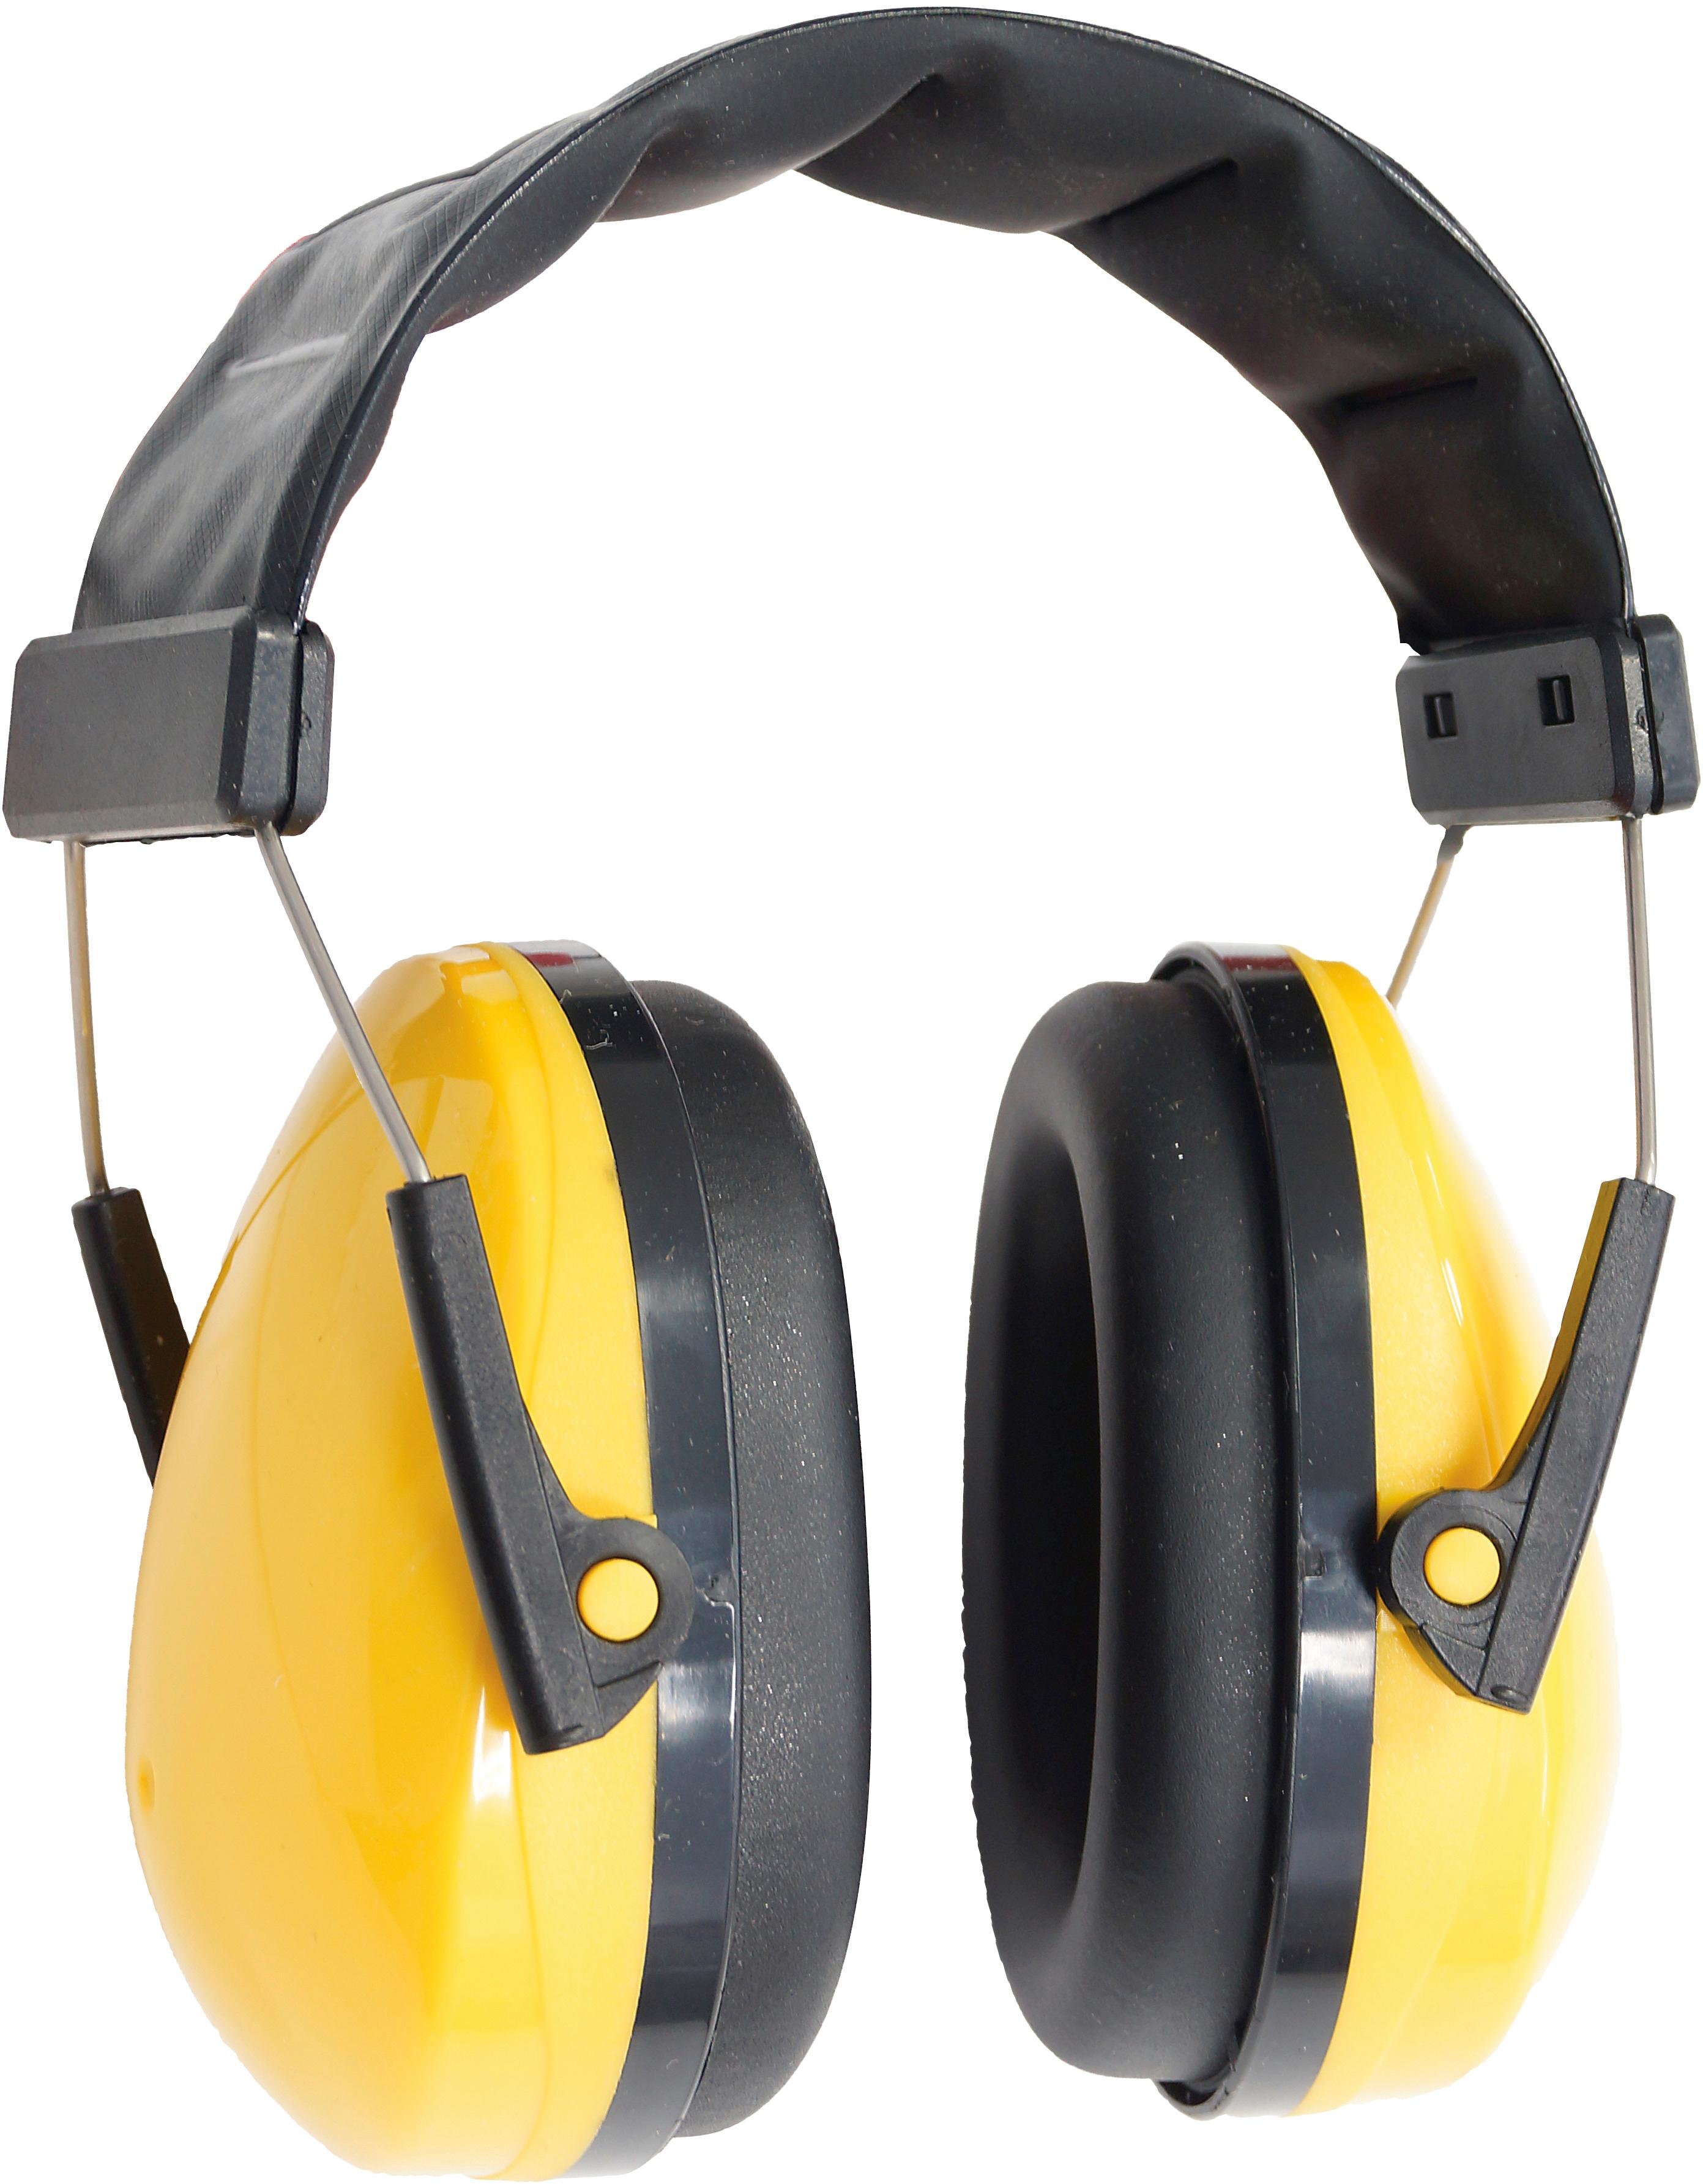 Connex Kapselgehörschutz Kindergehörschutz COXT938702 gelb Gehörschutz Arbeitssicherheit Arbeits- Berufsbekleidung